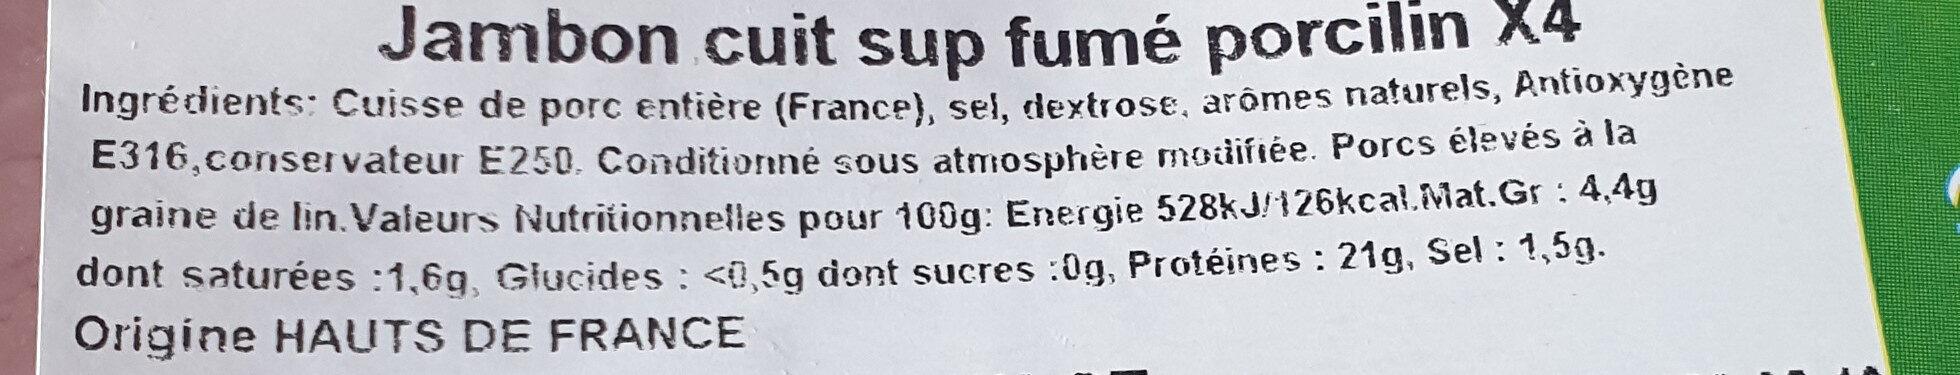 jambon cuit sup fumé porcilin - Ingrédients